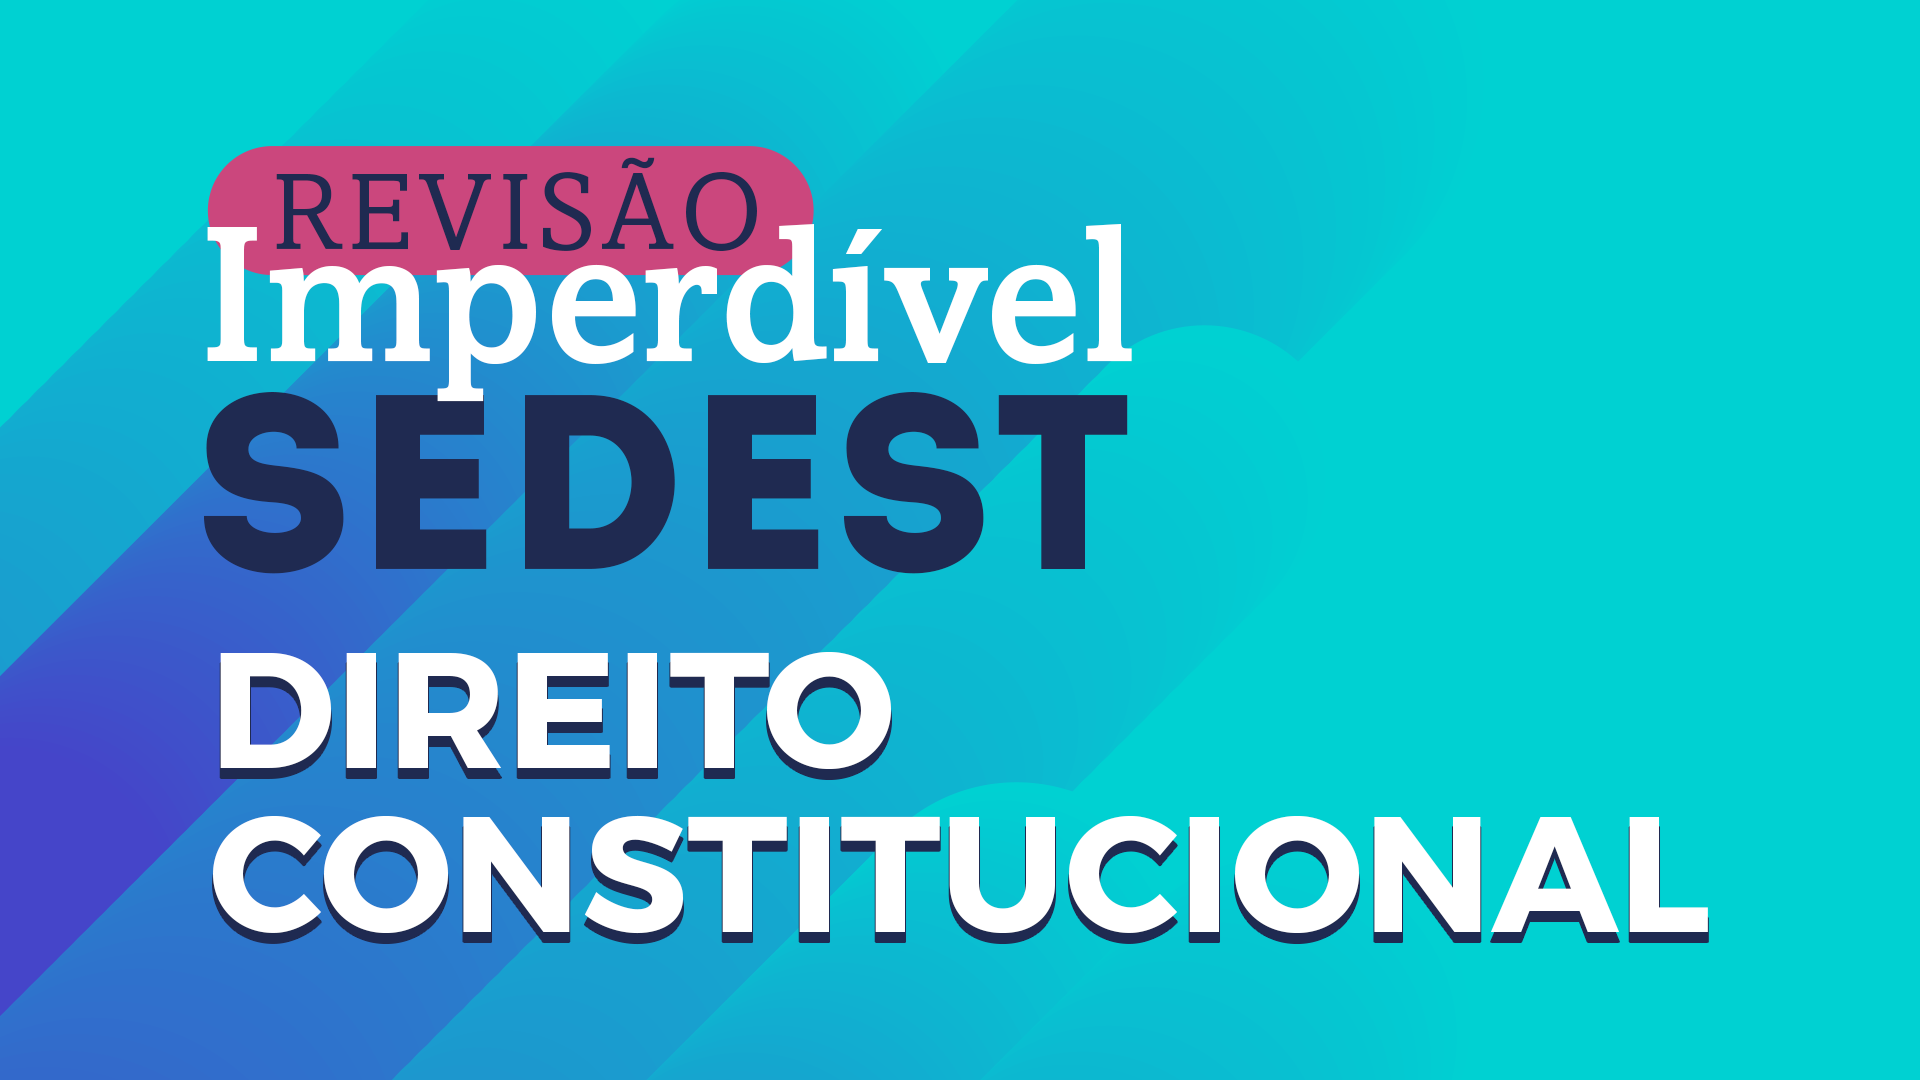 Revisão Imperdível Sedest | Dir. Constitucional - Elias Batista